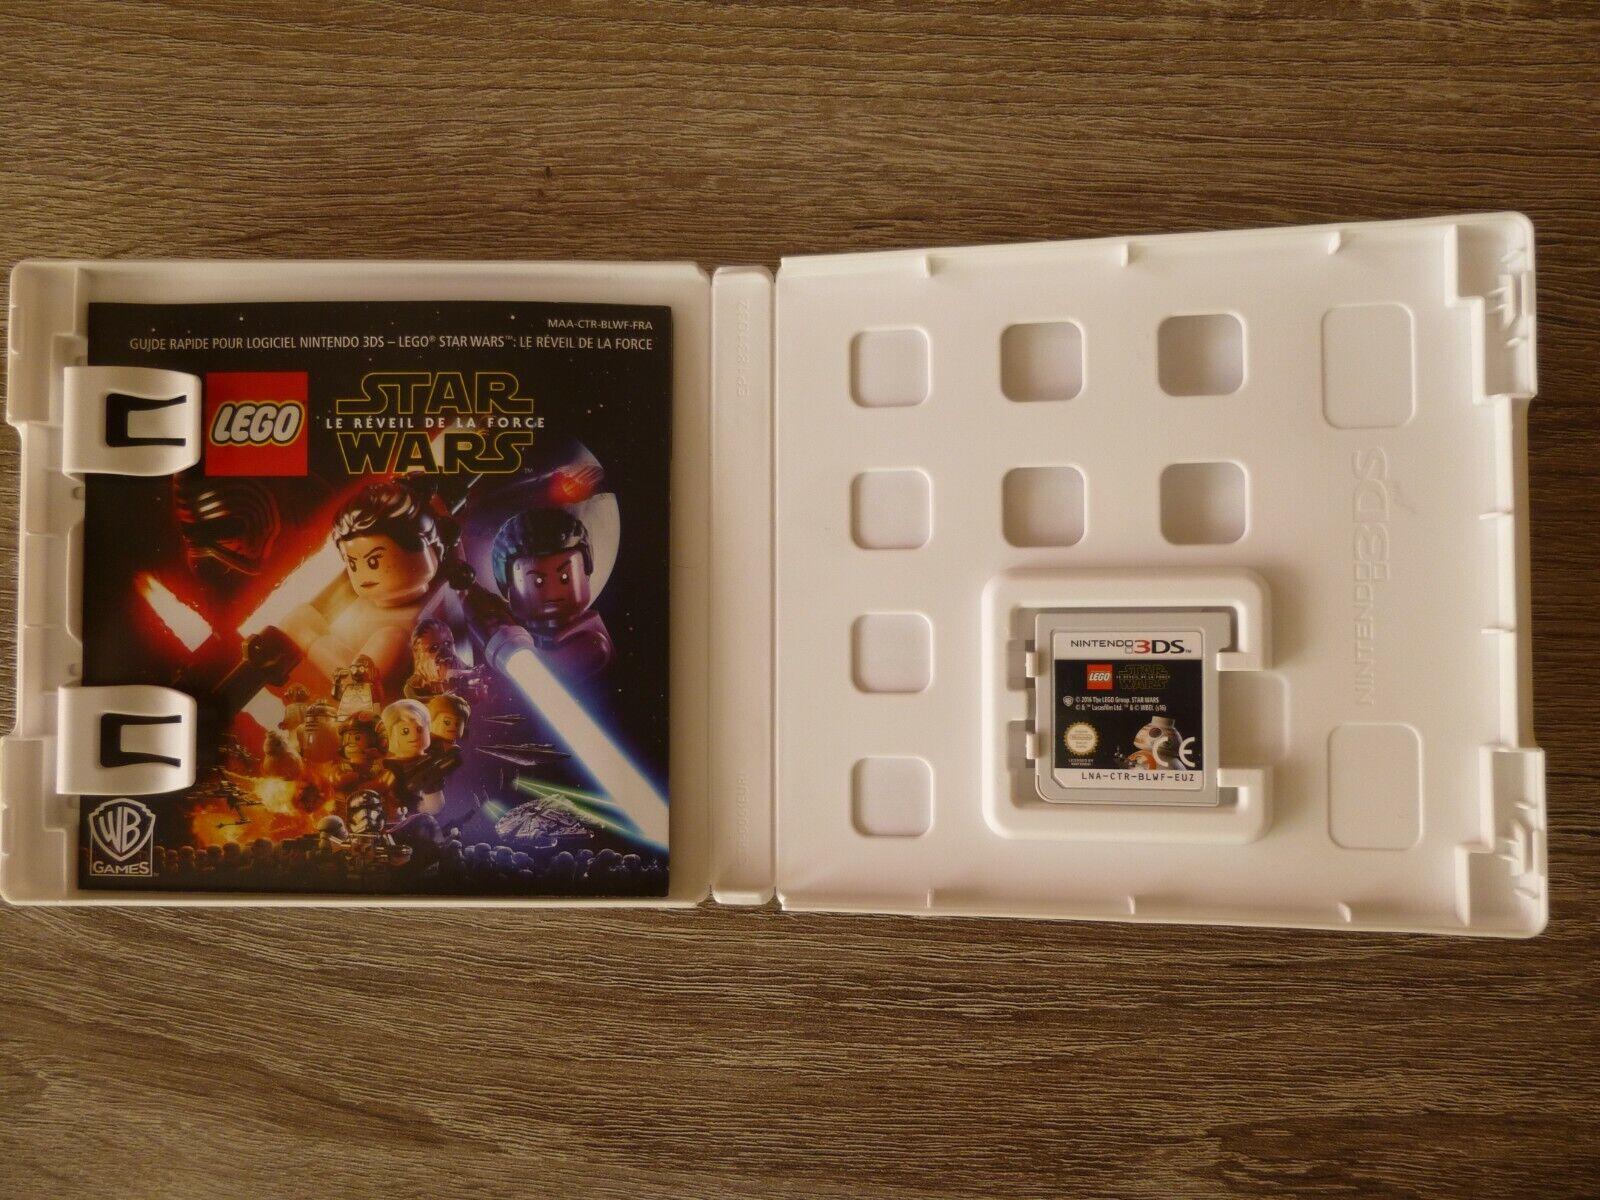 Jeu 3DS Lego Star Wars le Réveil de la Force - Avis StarWars